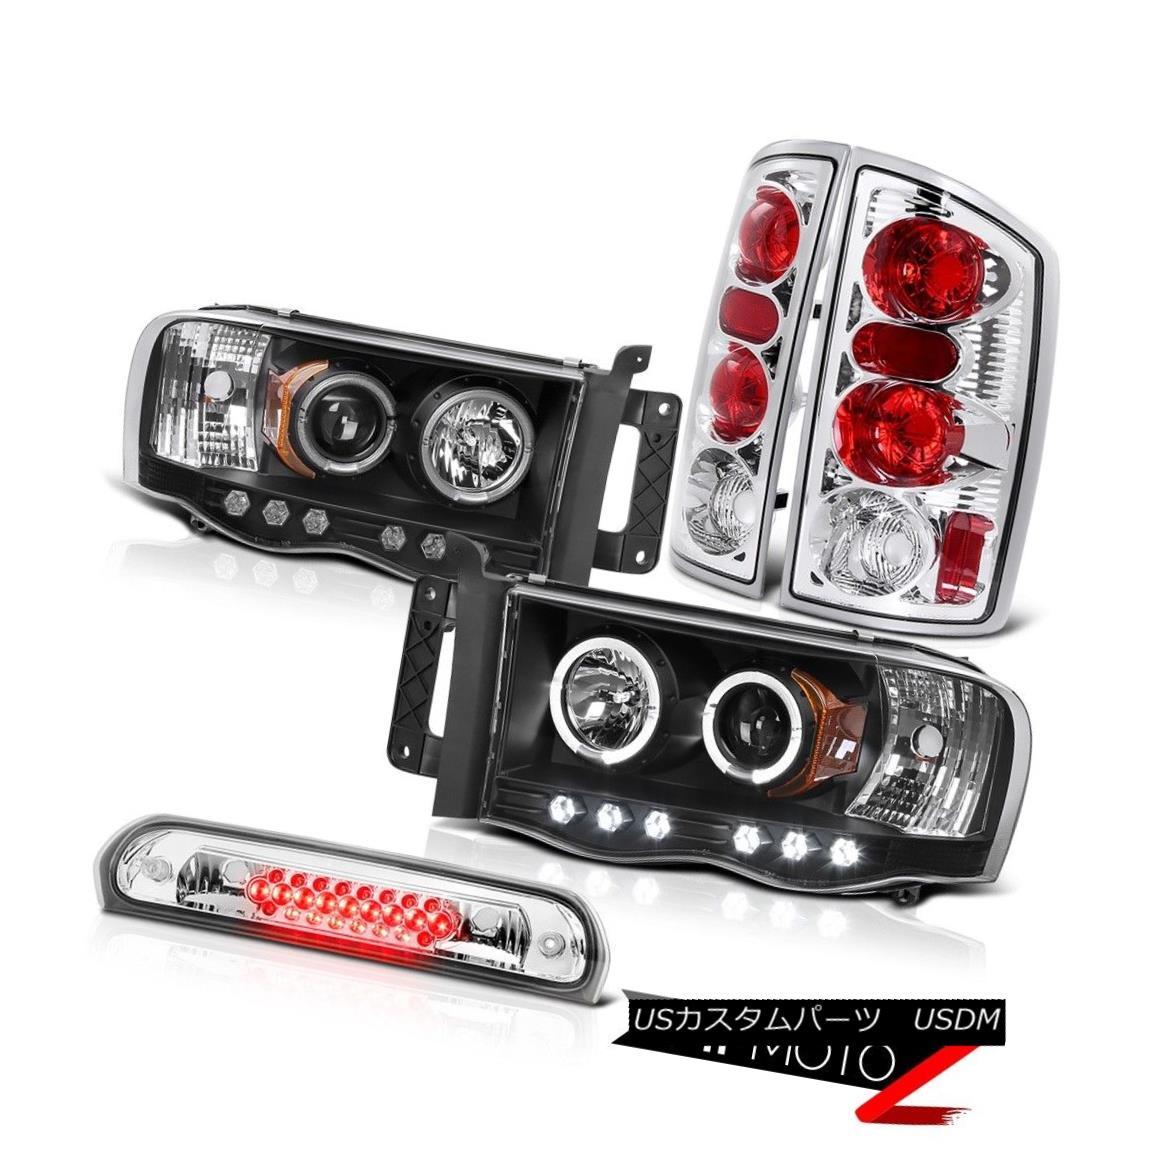 テールライト Black Halo LED Headlights Chrome Rear Brake Tail Lights High 2002-2005 Ram 2500 ブラックハローLEDヘッドライトクロームリアブレーキテールライトハイ2002-2005 Ram 2500